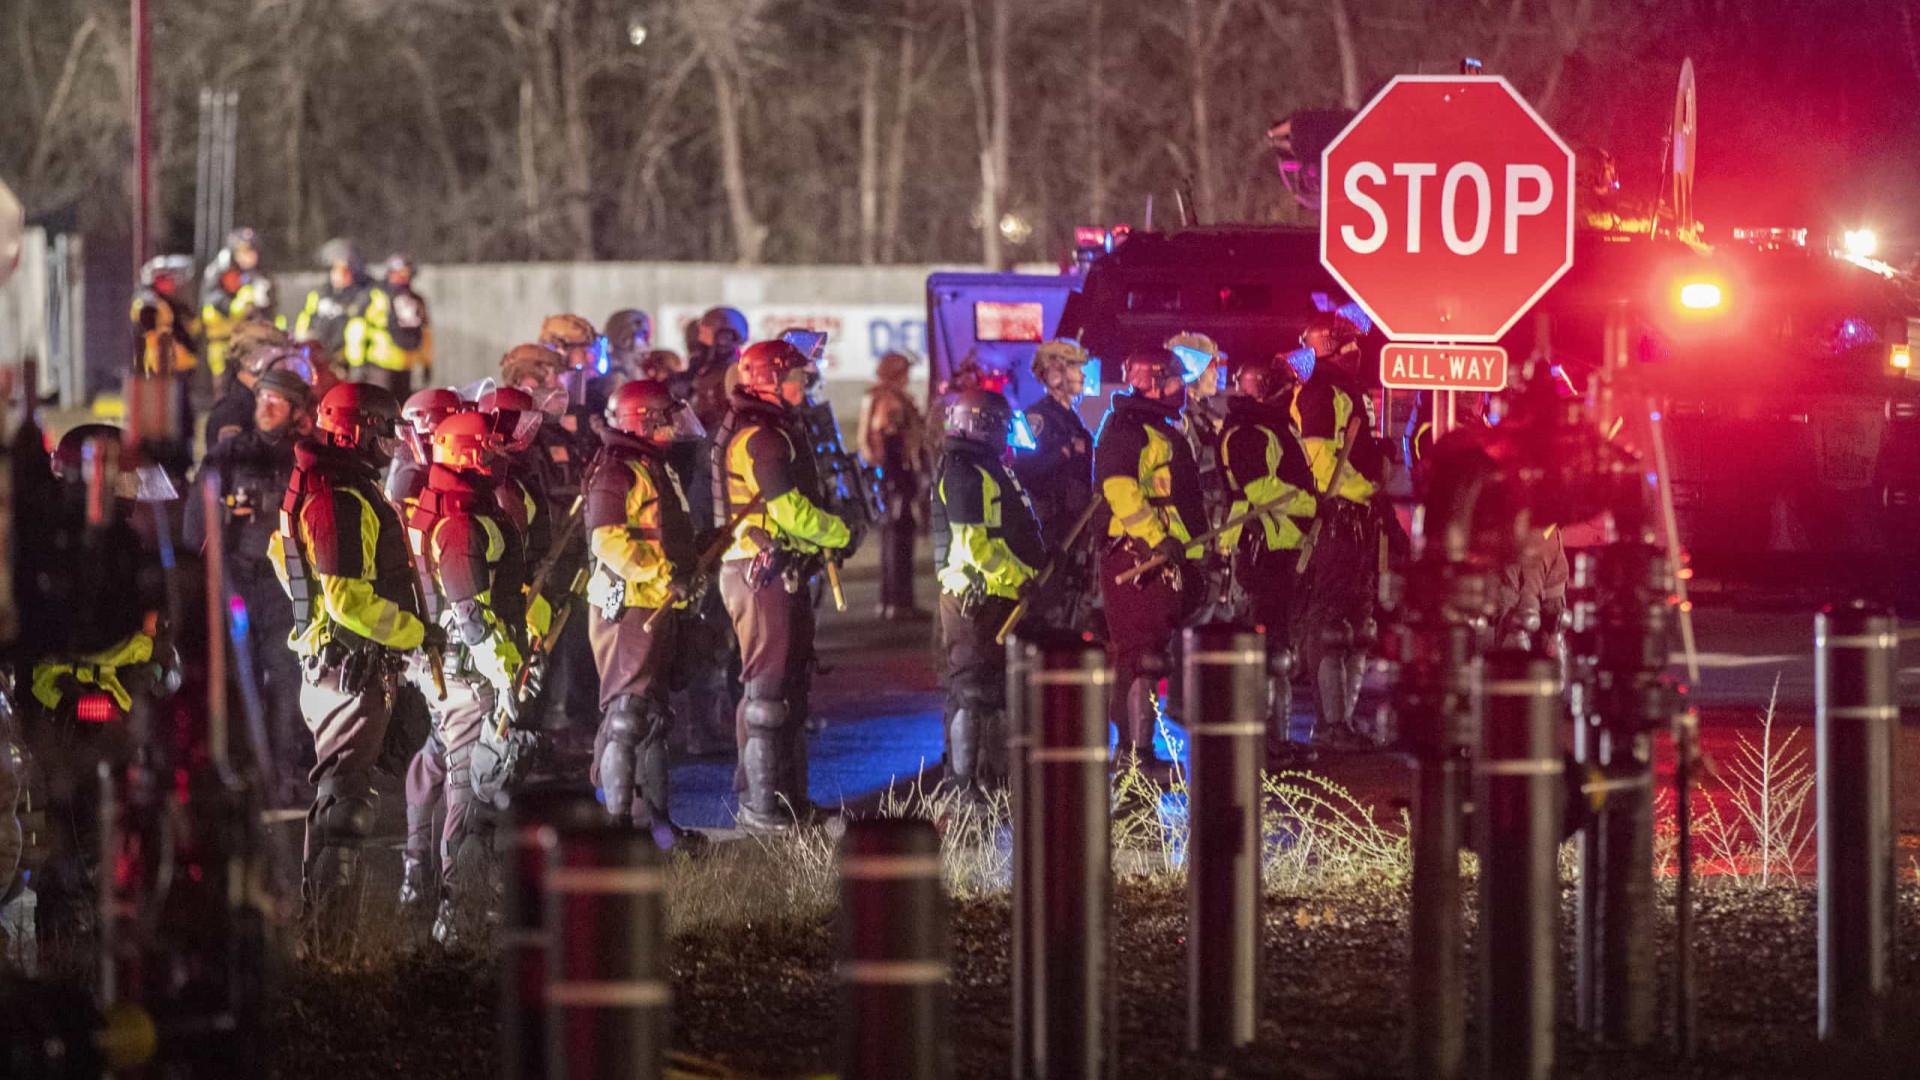 Polícia prende mais de 50 em 2ª noite de protestos após morte de homem negro nos EUA